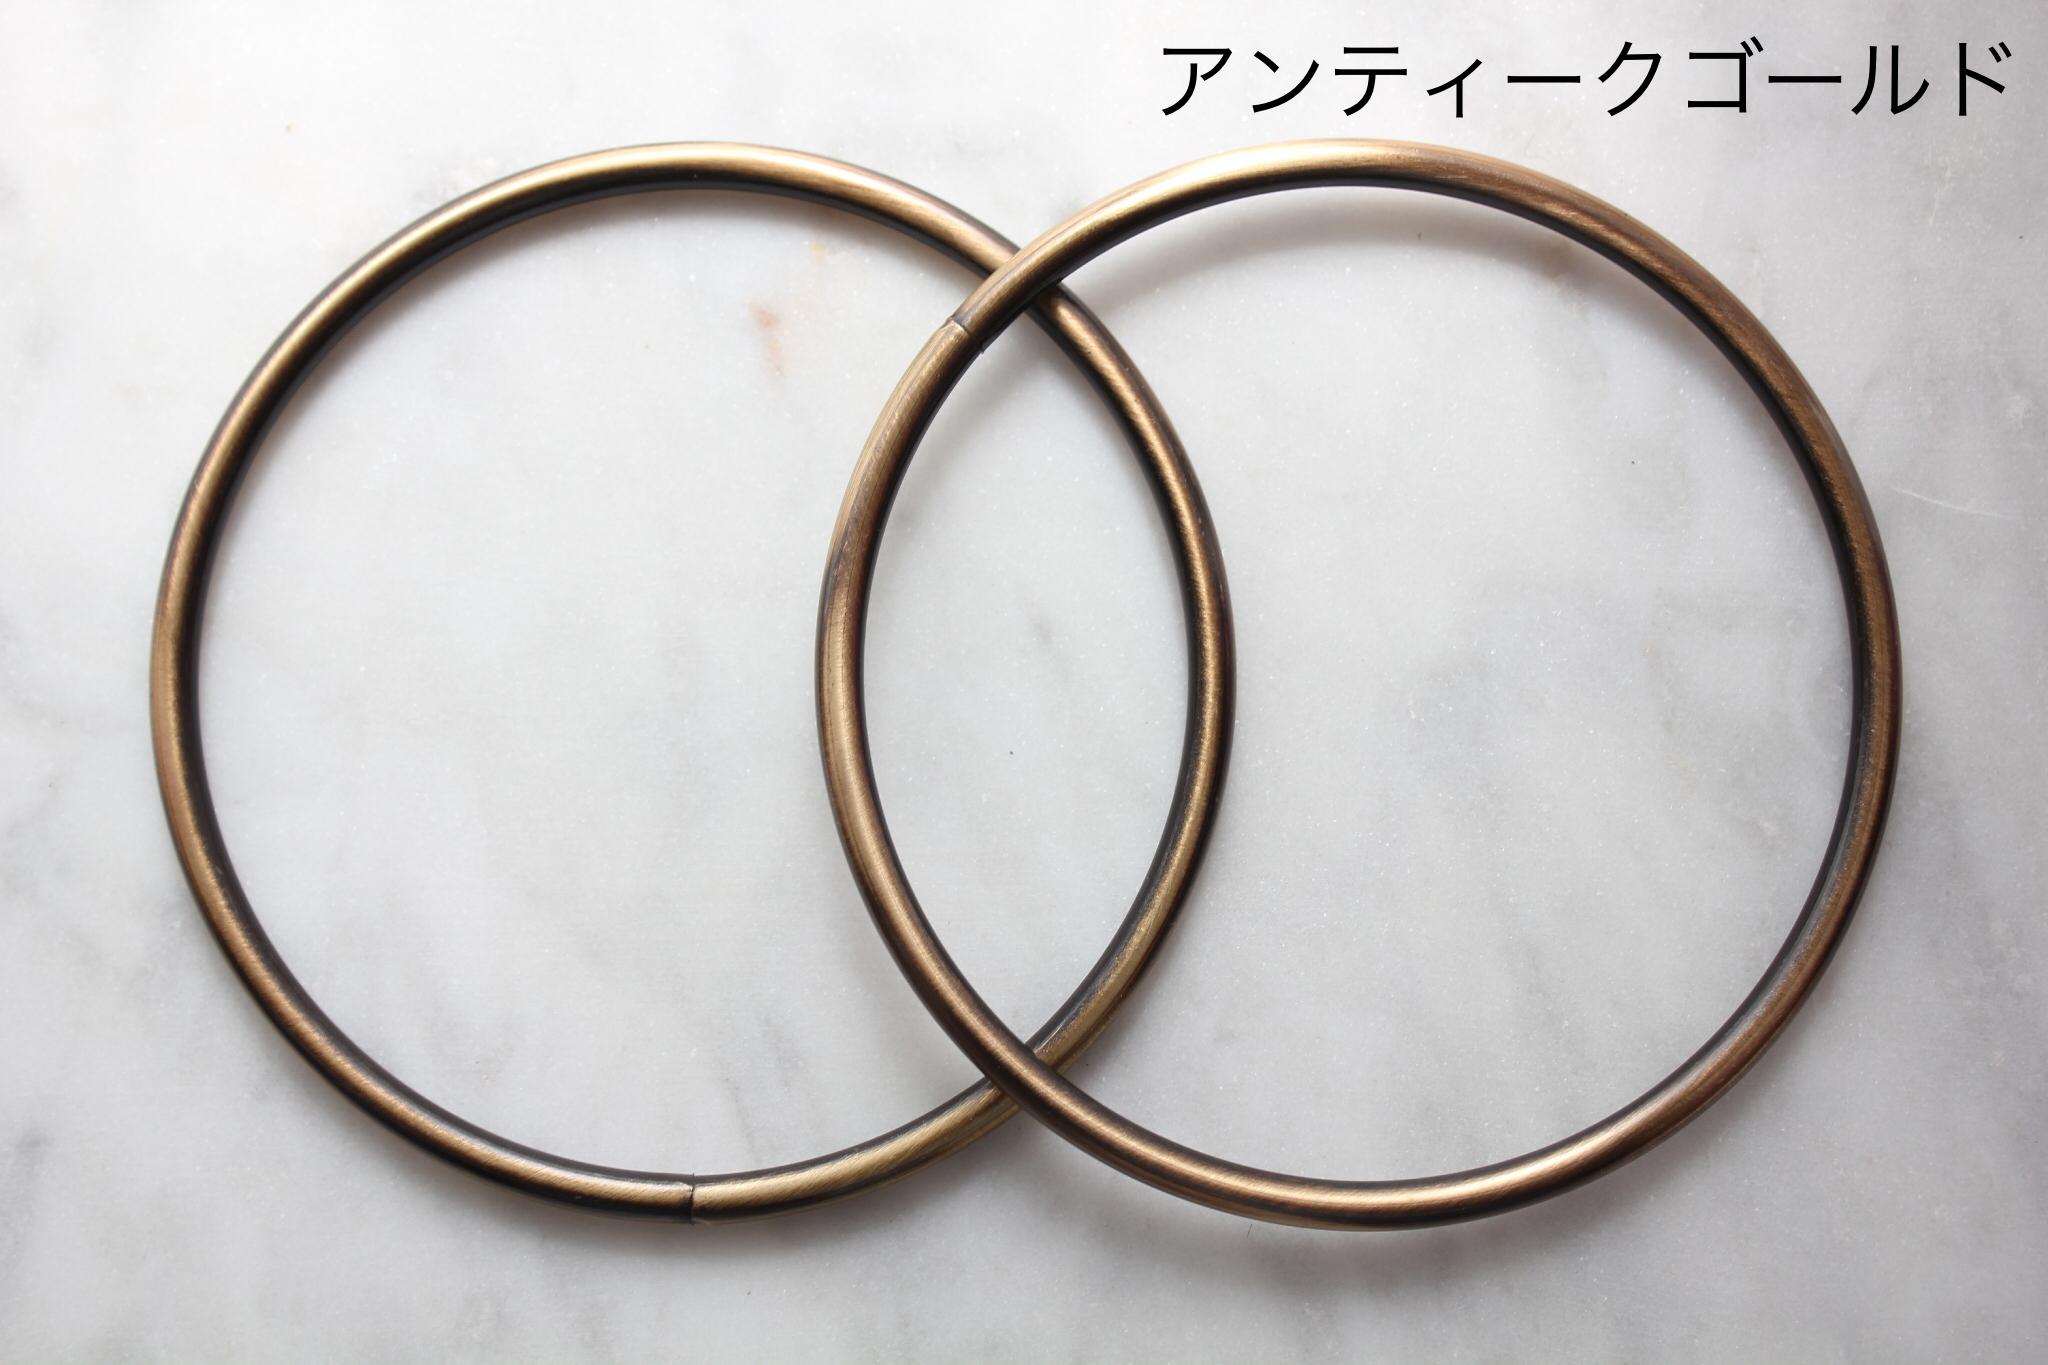 リングハンドル外径10cm(2本1組)